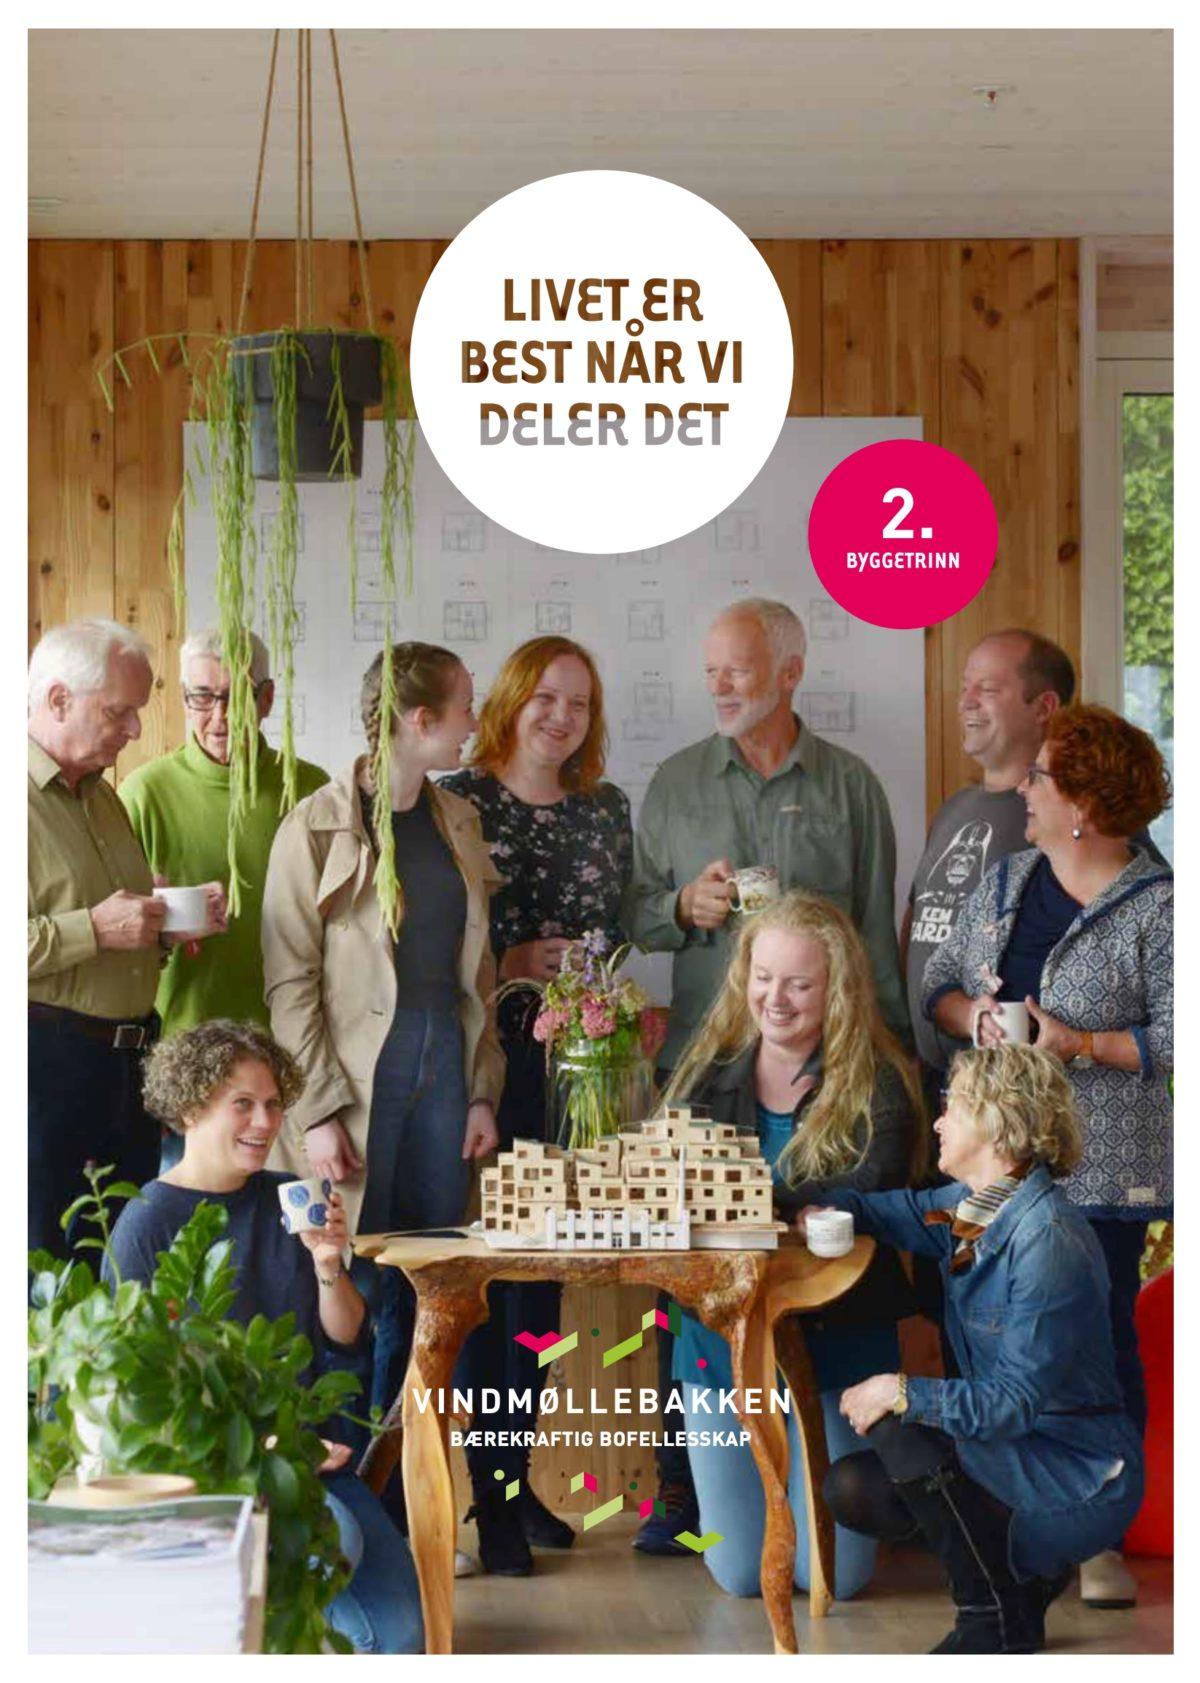 Vindmöllebakken i Stavanger byggs!